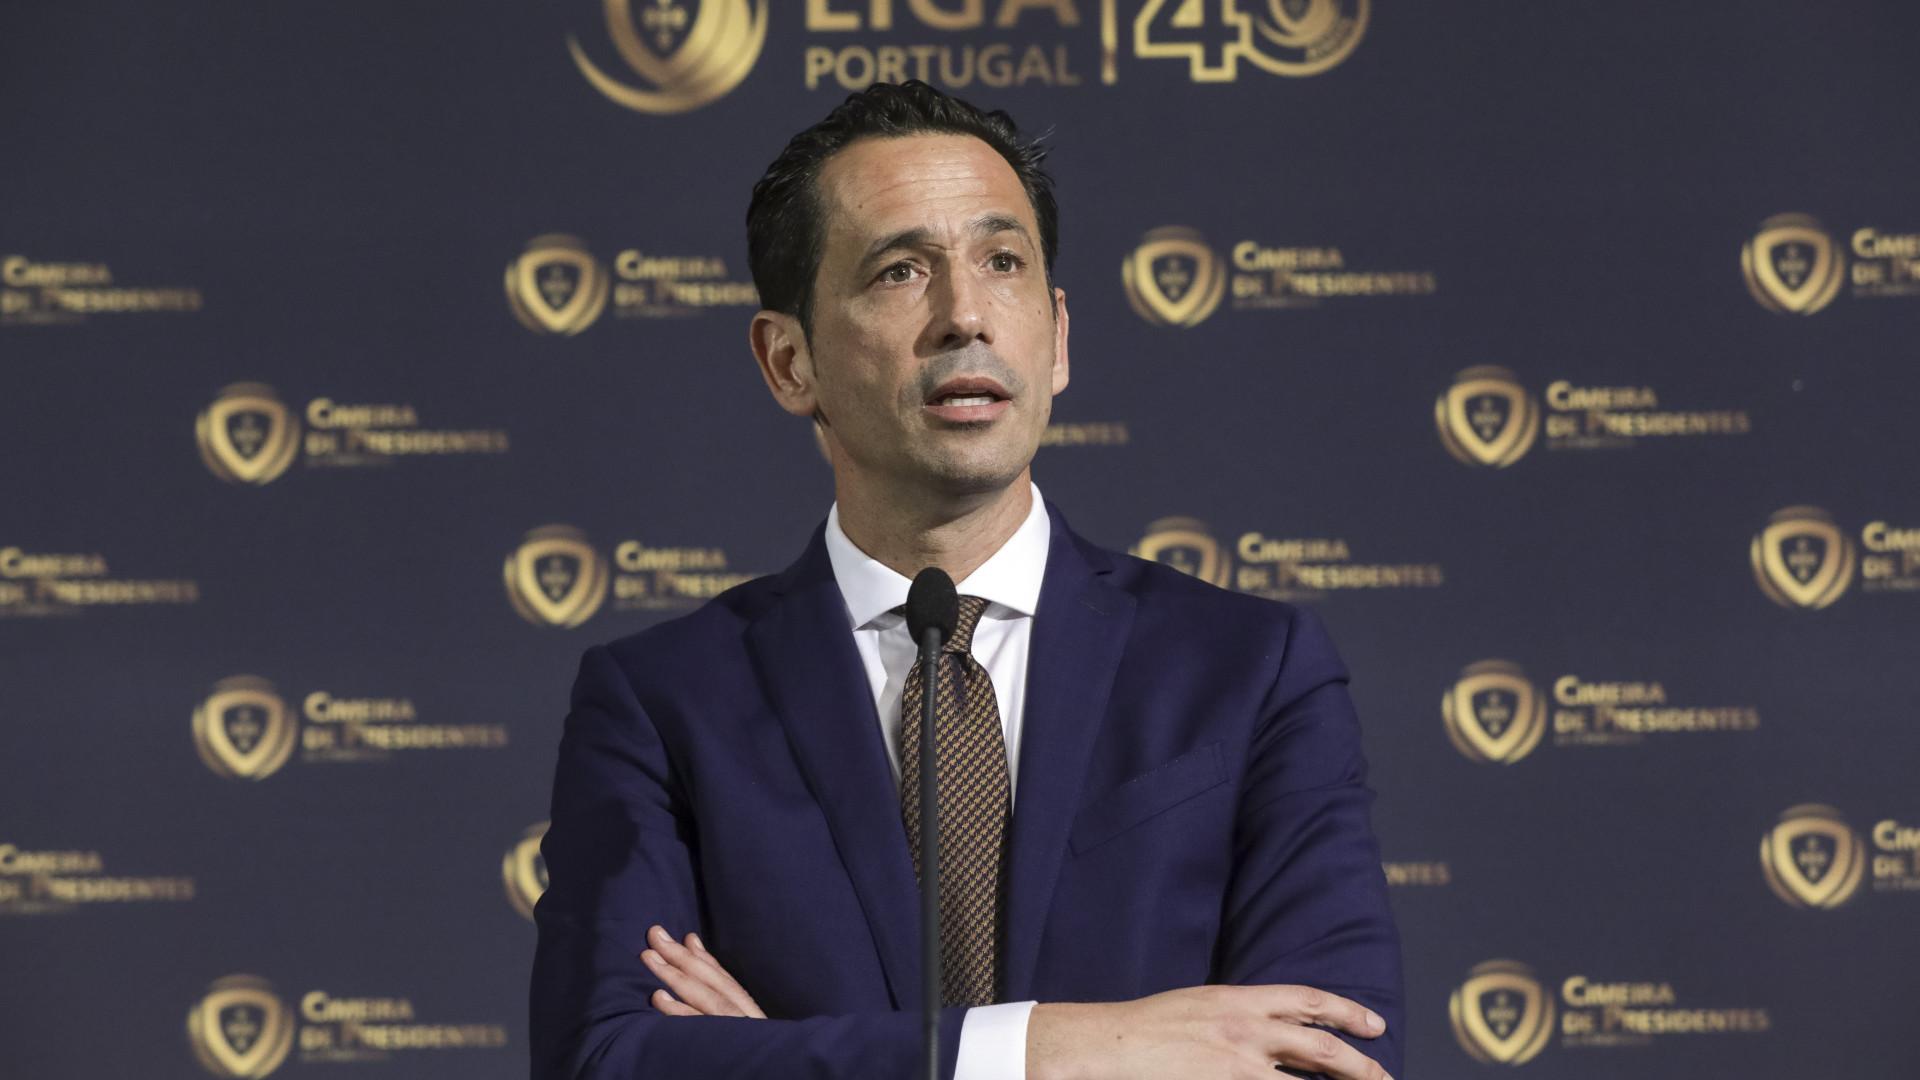 Pedro Proença passa a integrar Comité do Futebol da UEFA